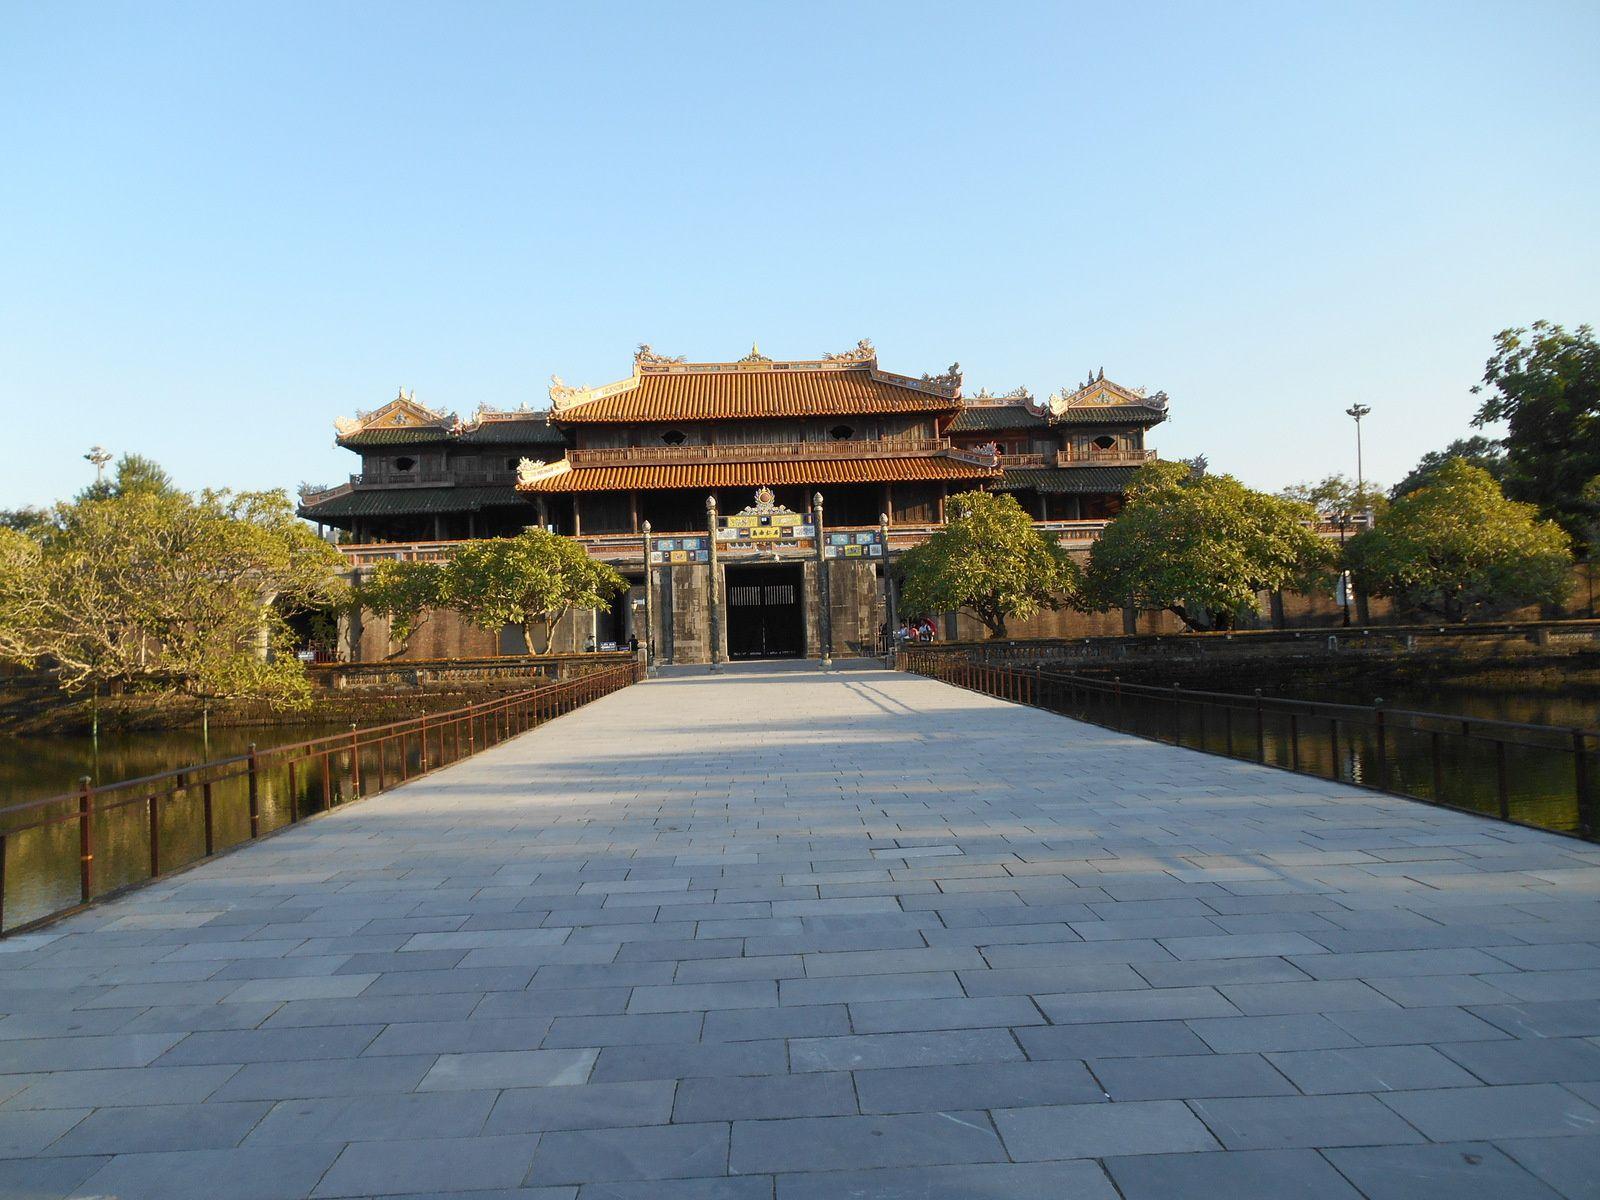 Nous pénétrons dans la cité interdite en franchissant le pont Trung Dao qui enjambe le lac Thai Dich.